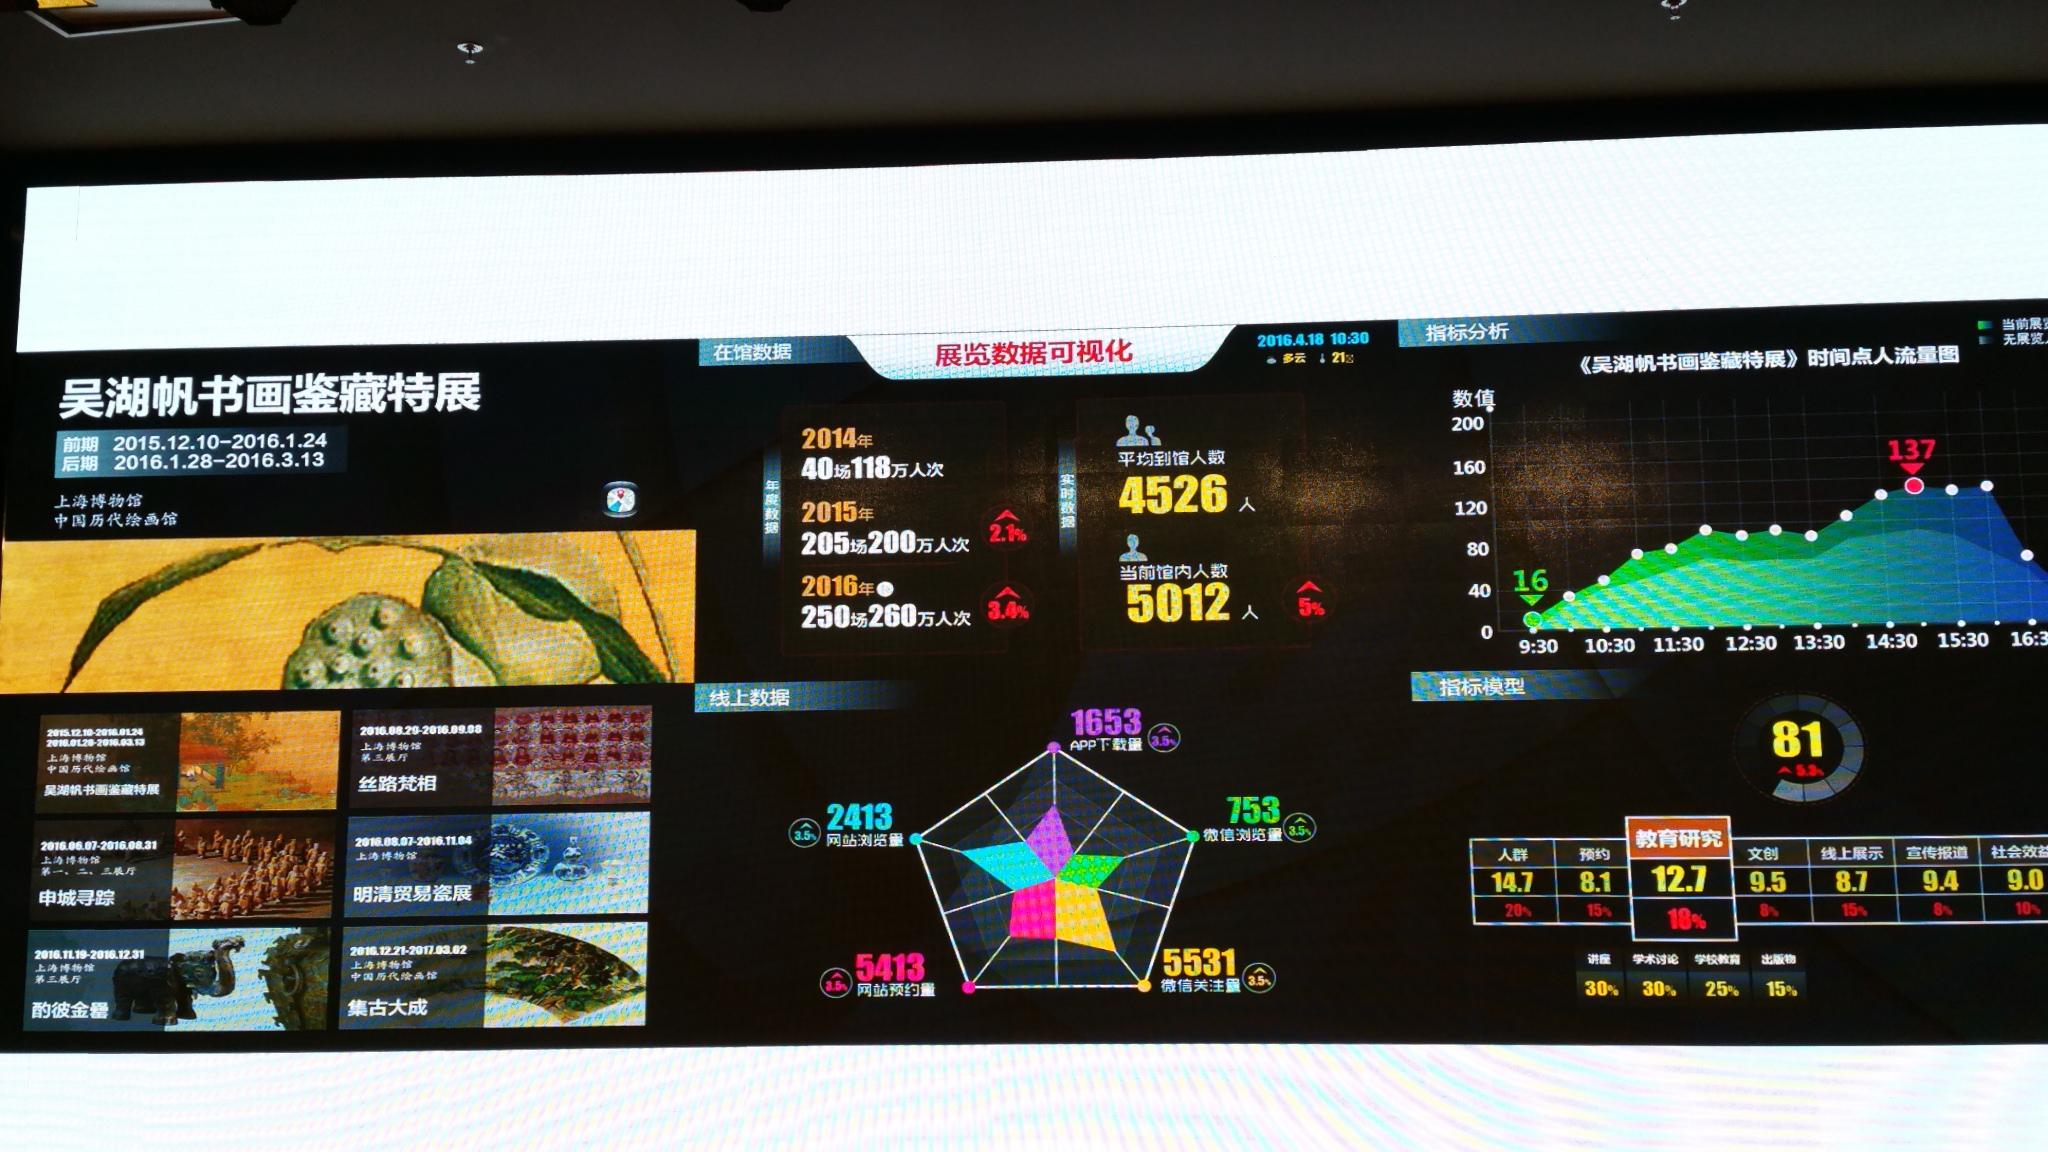 shanghai-museum_dashboard-2